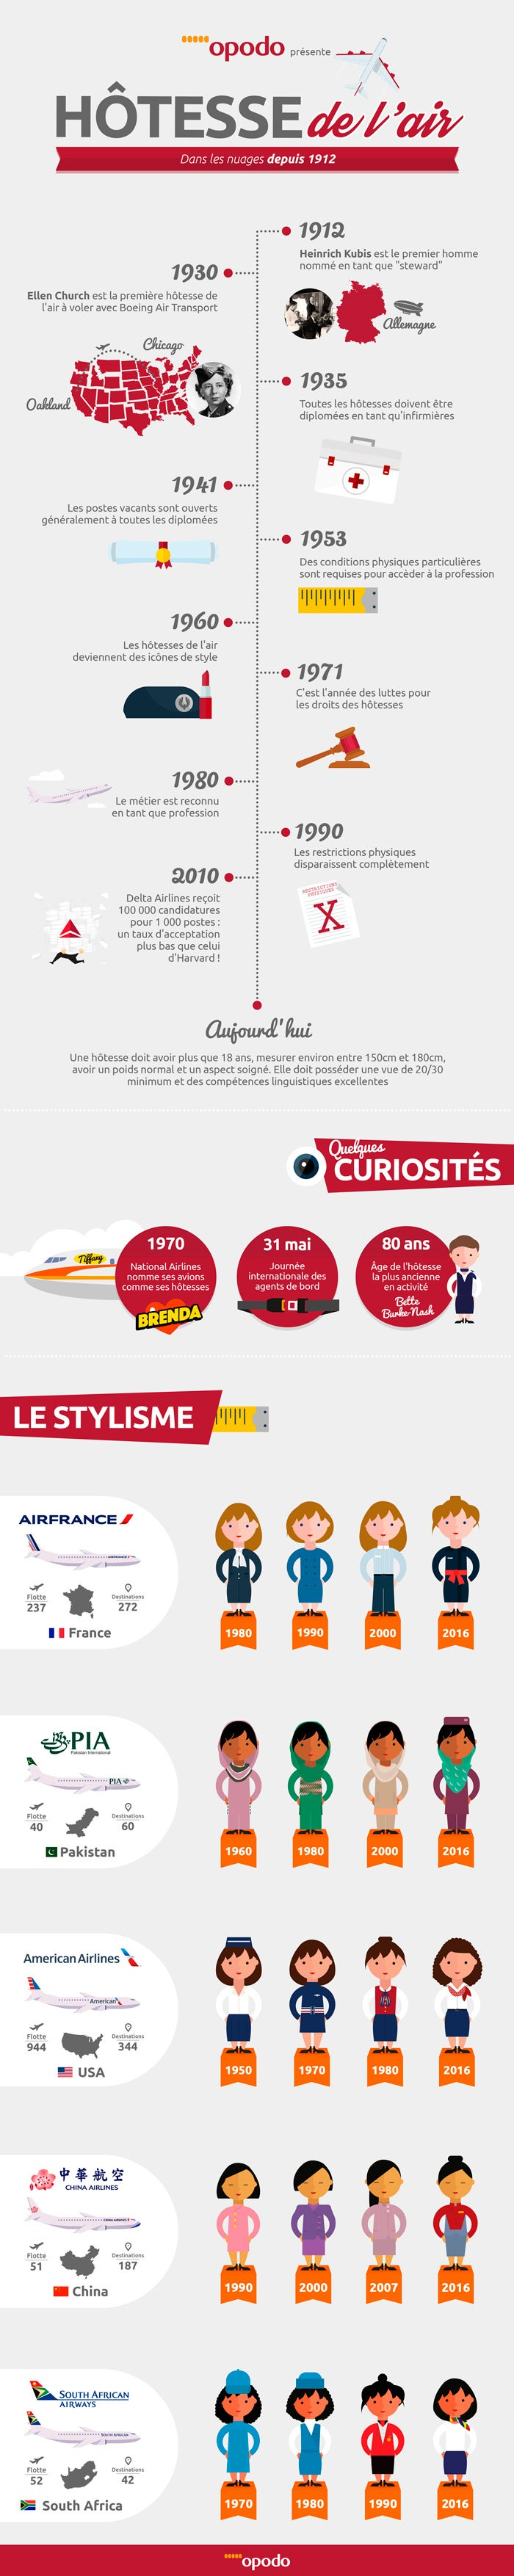 Infographique hôtesse de l'air